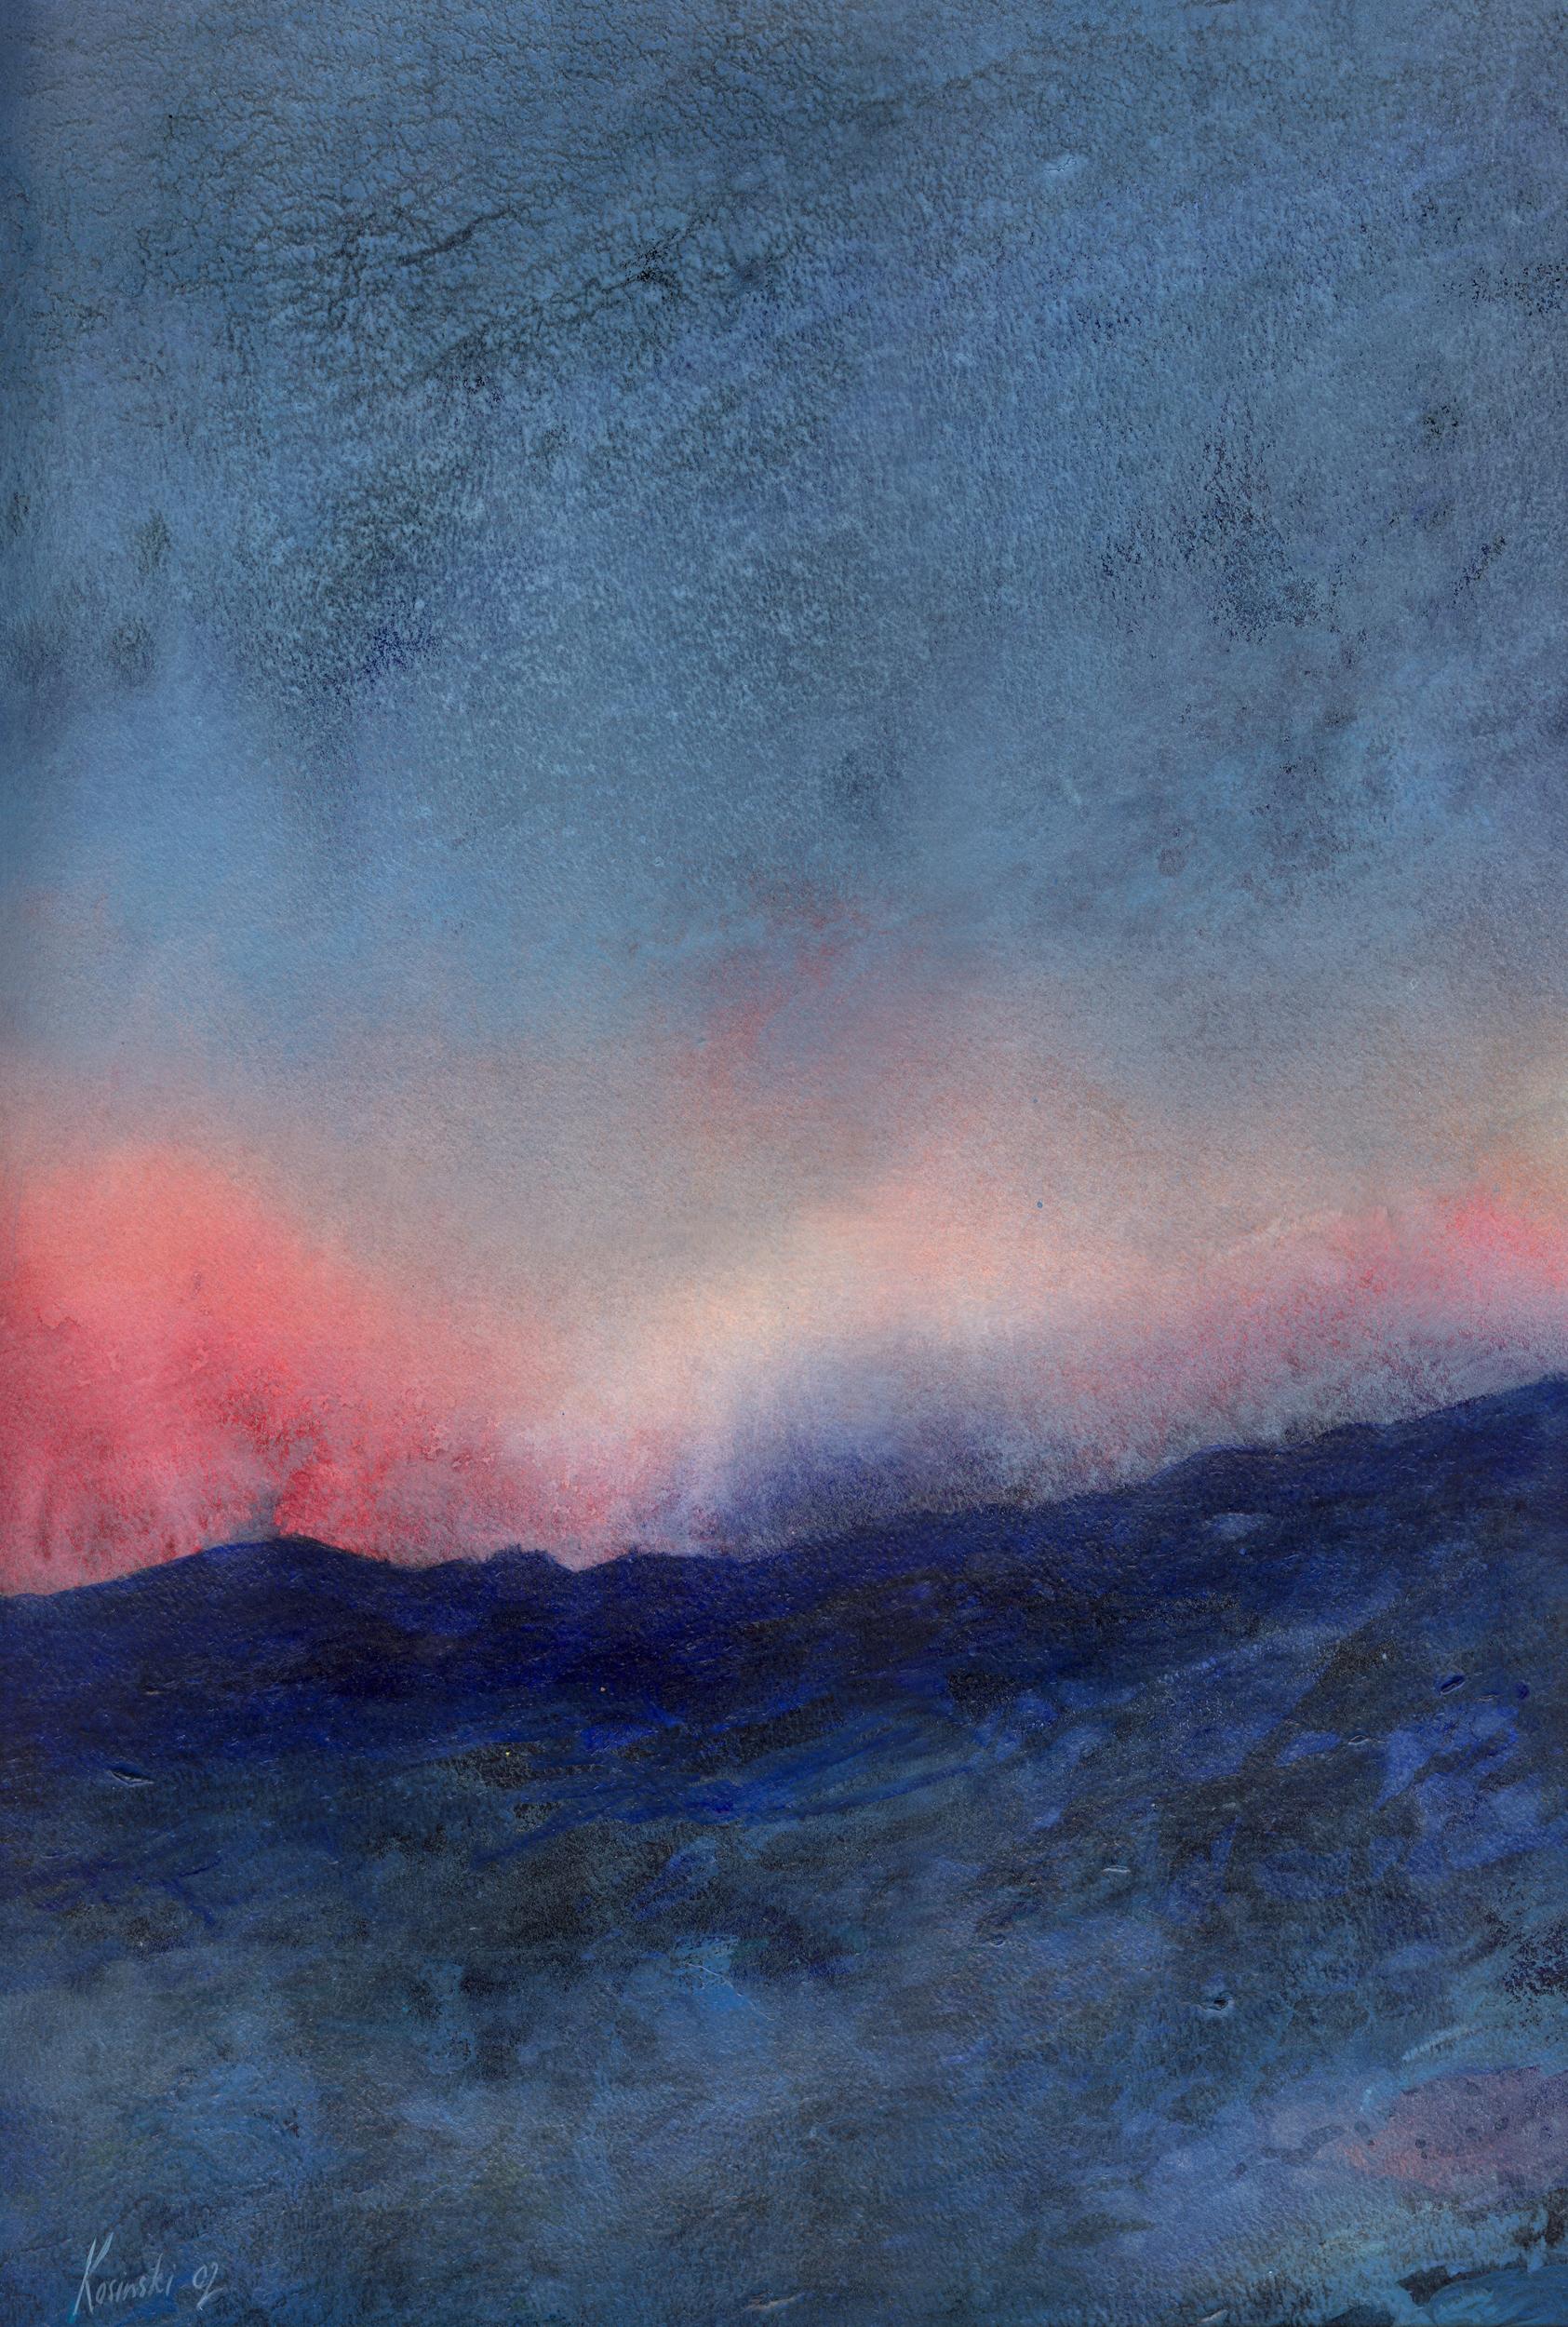 Sunset, Santa Fe, NM